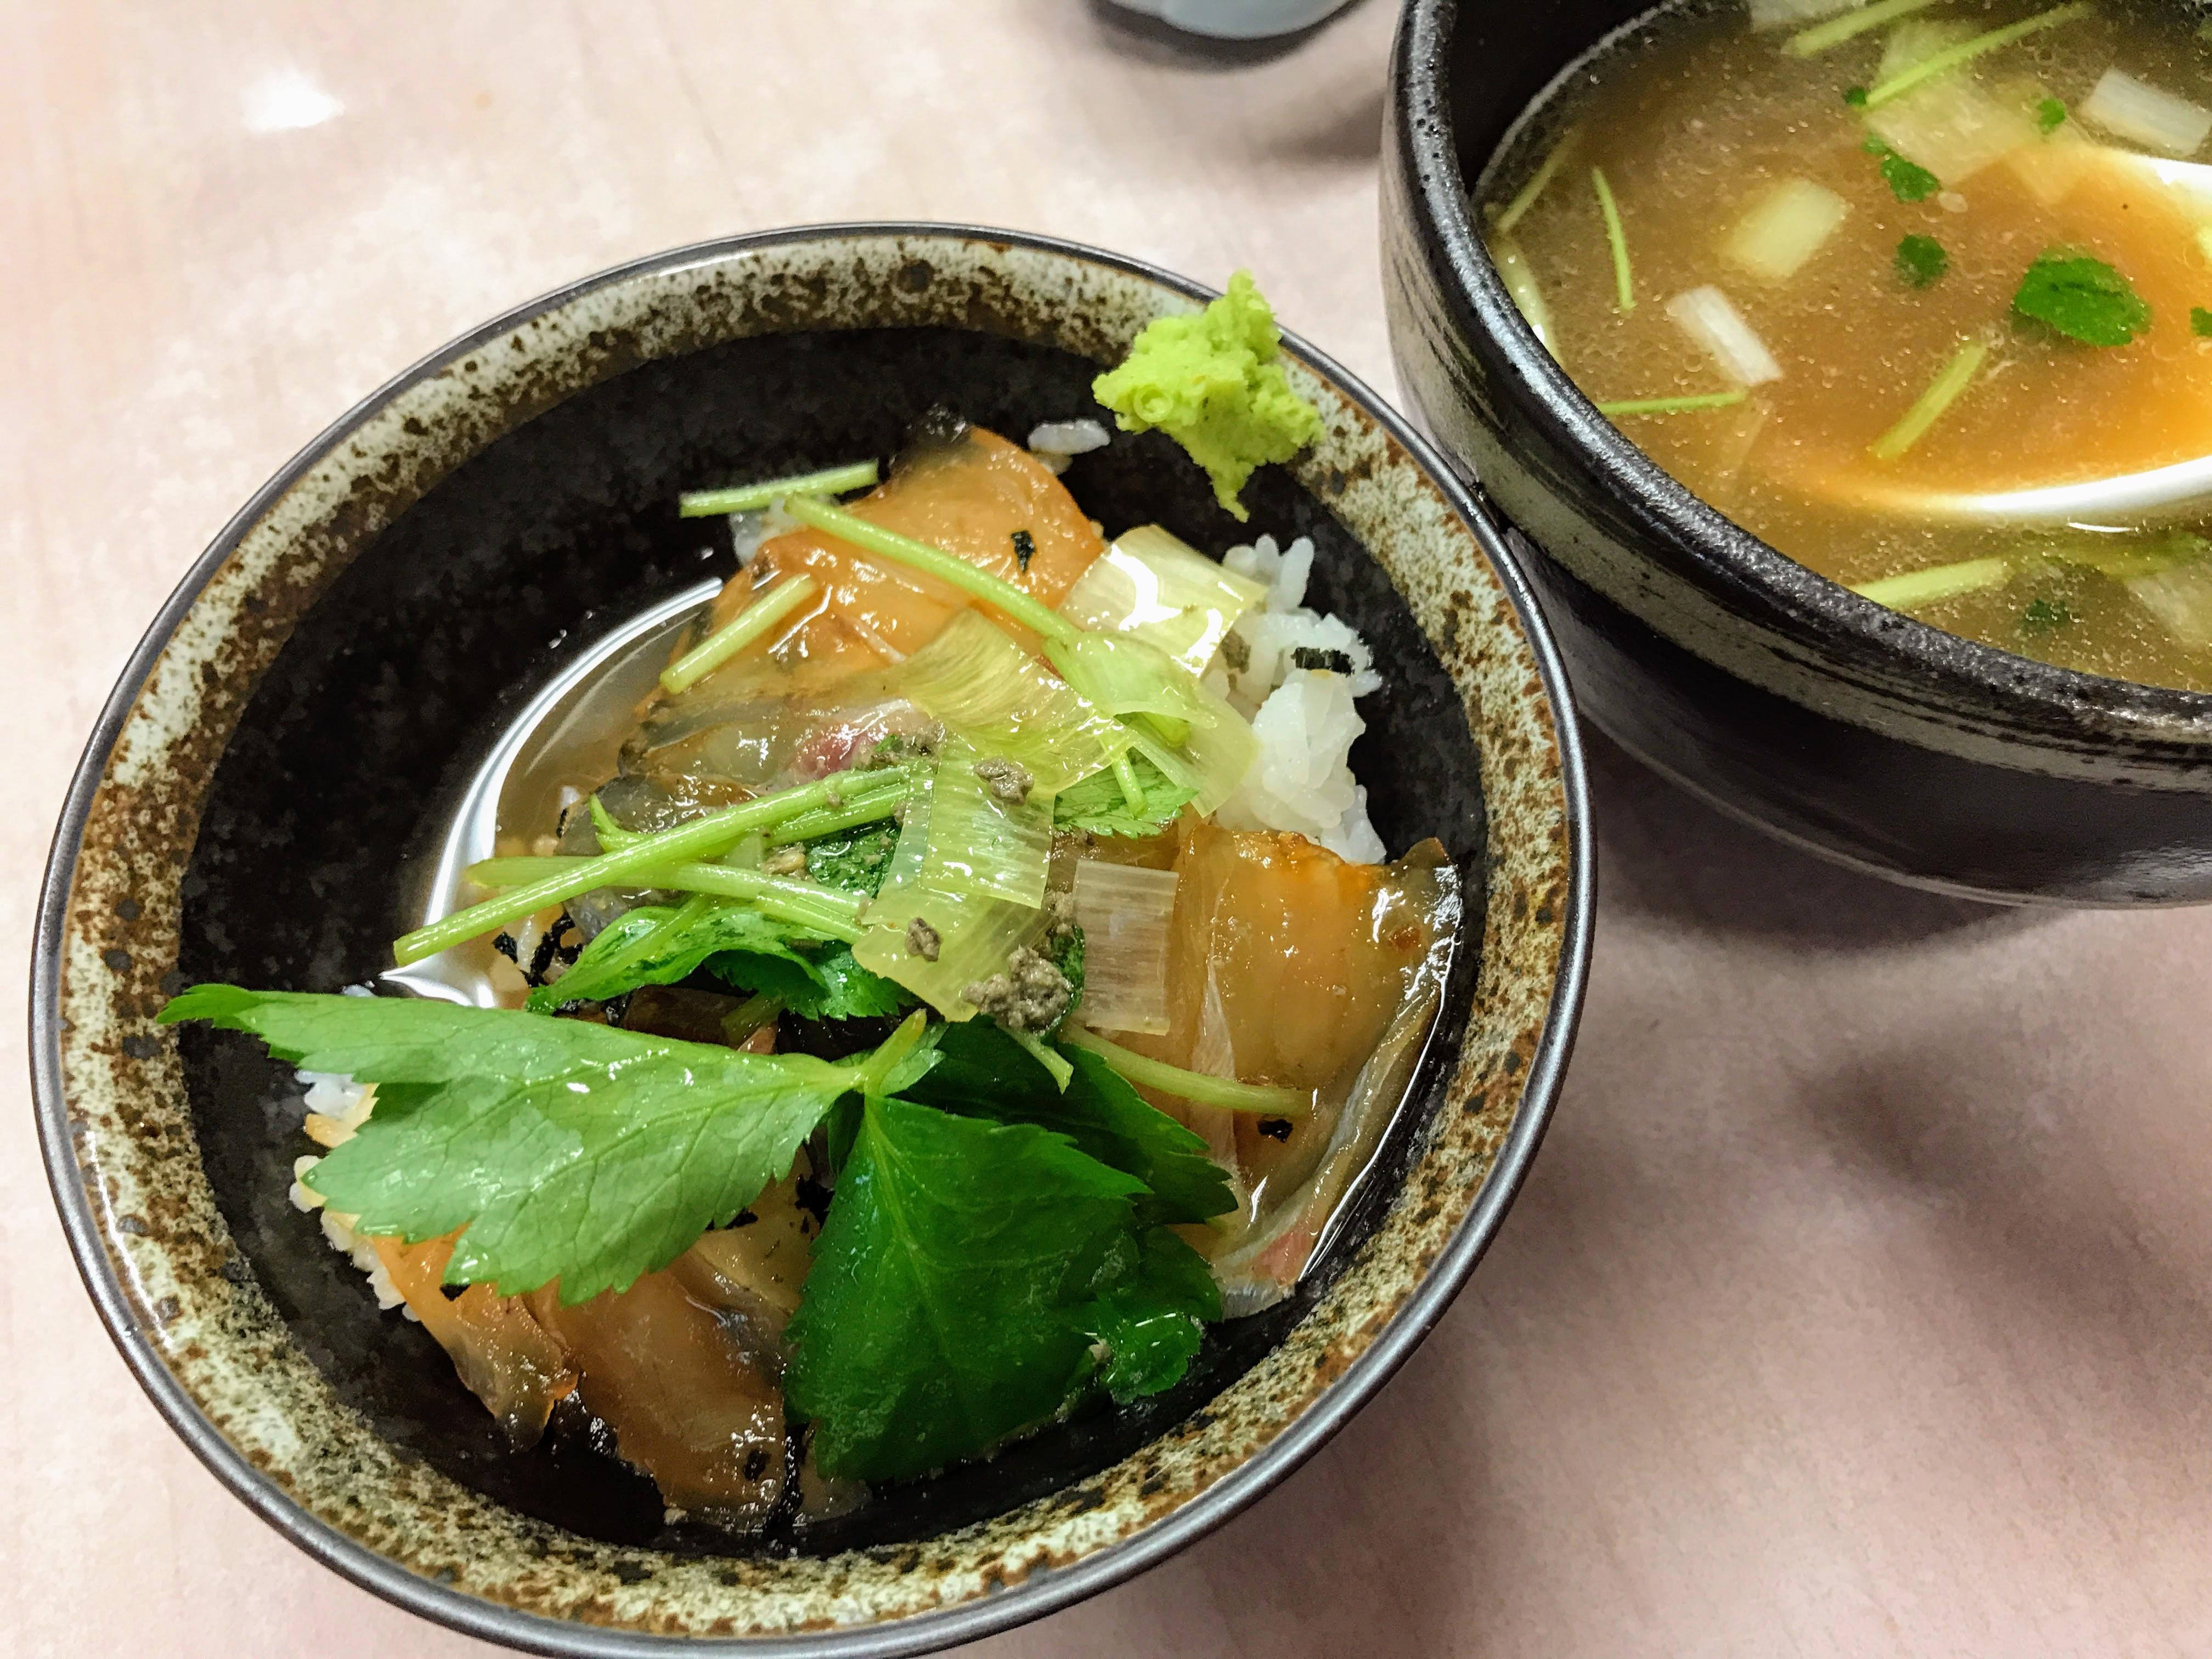 スープを入れて鯛茶漬けのように味わう